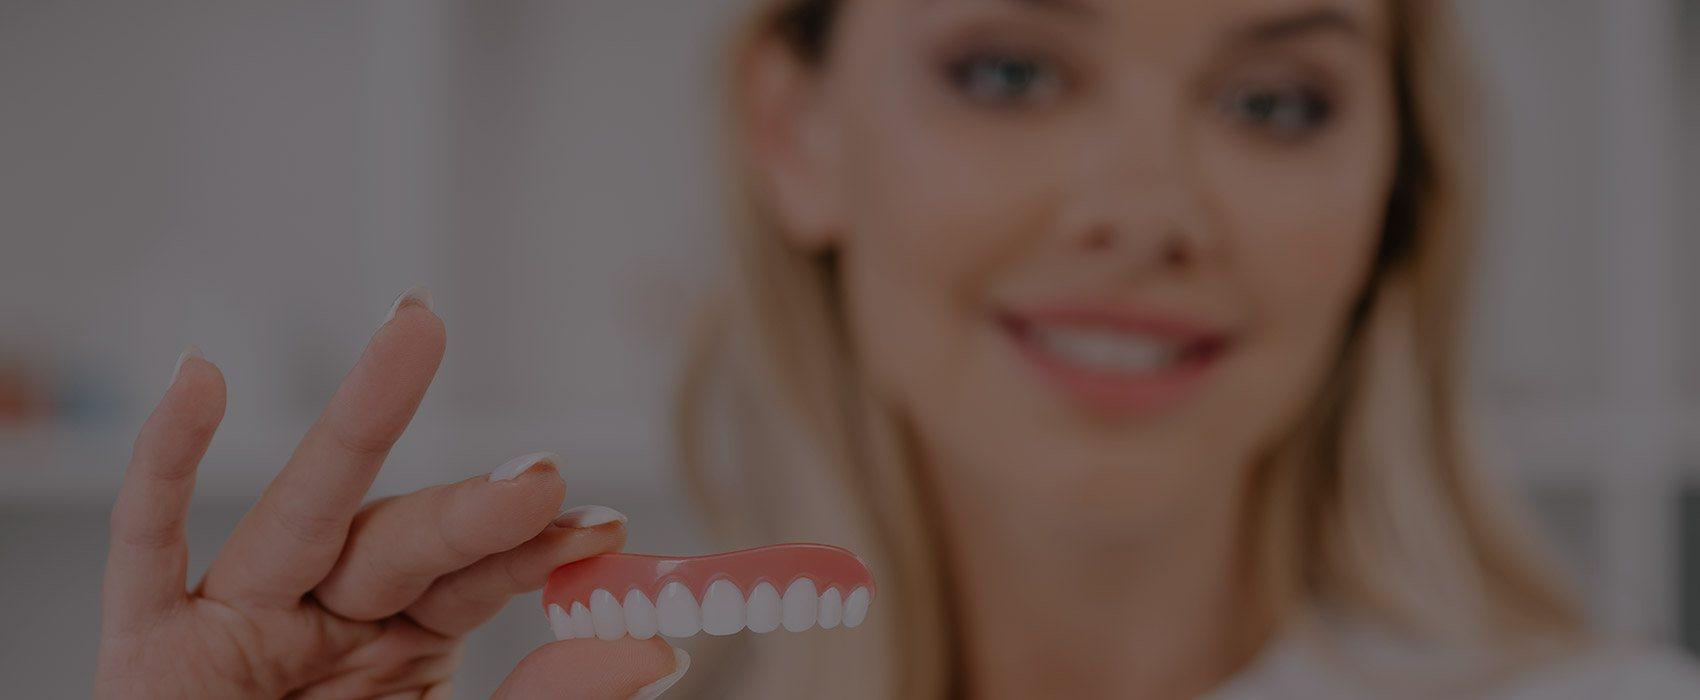 Denture Care, UT